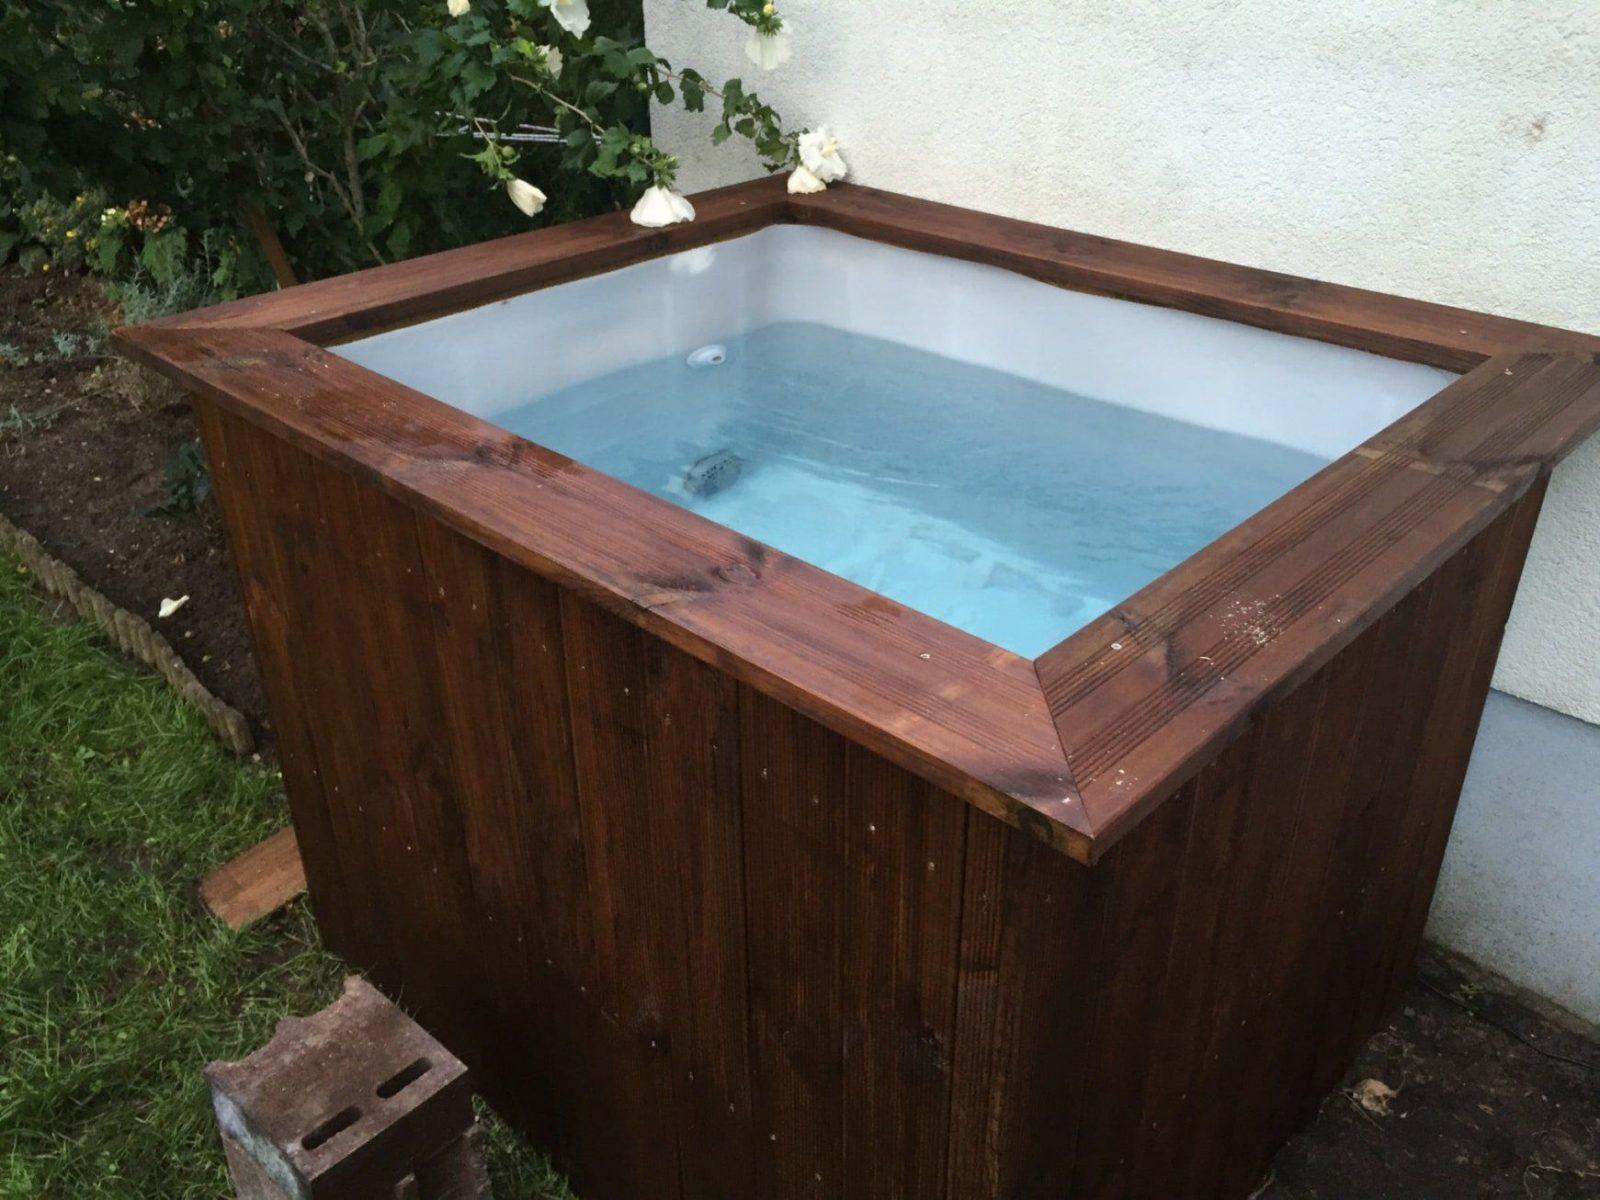 Verwunderlich Badebottich Selber Bauen Beautiful Hot Tub Selber von Hot Tube Selber Bauen Bild